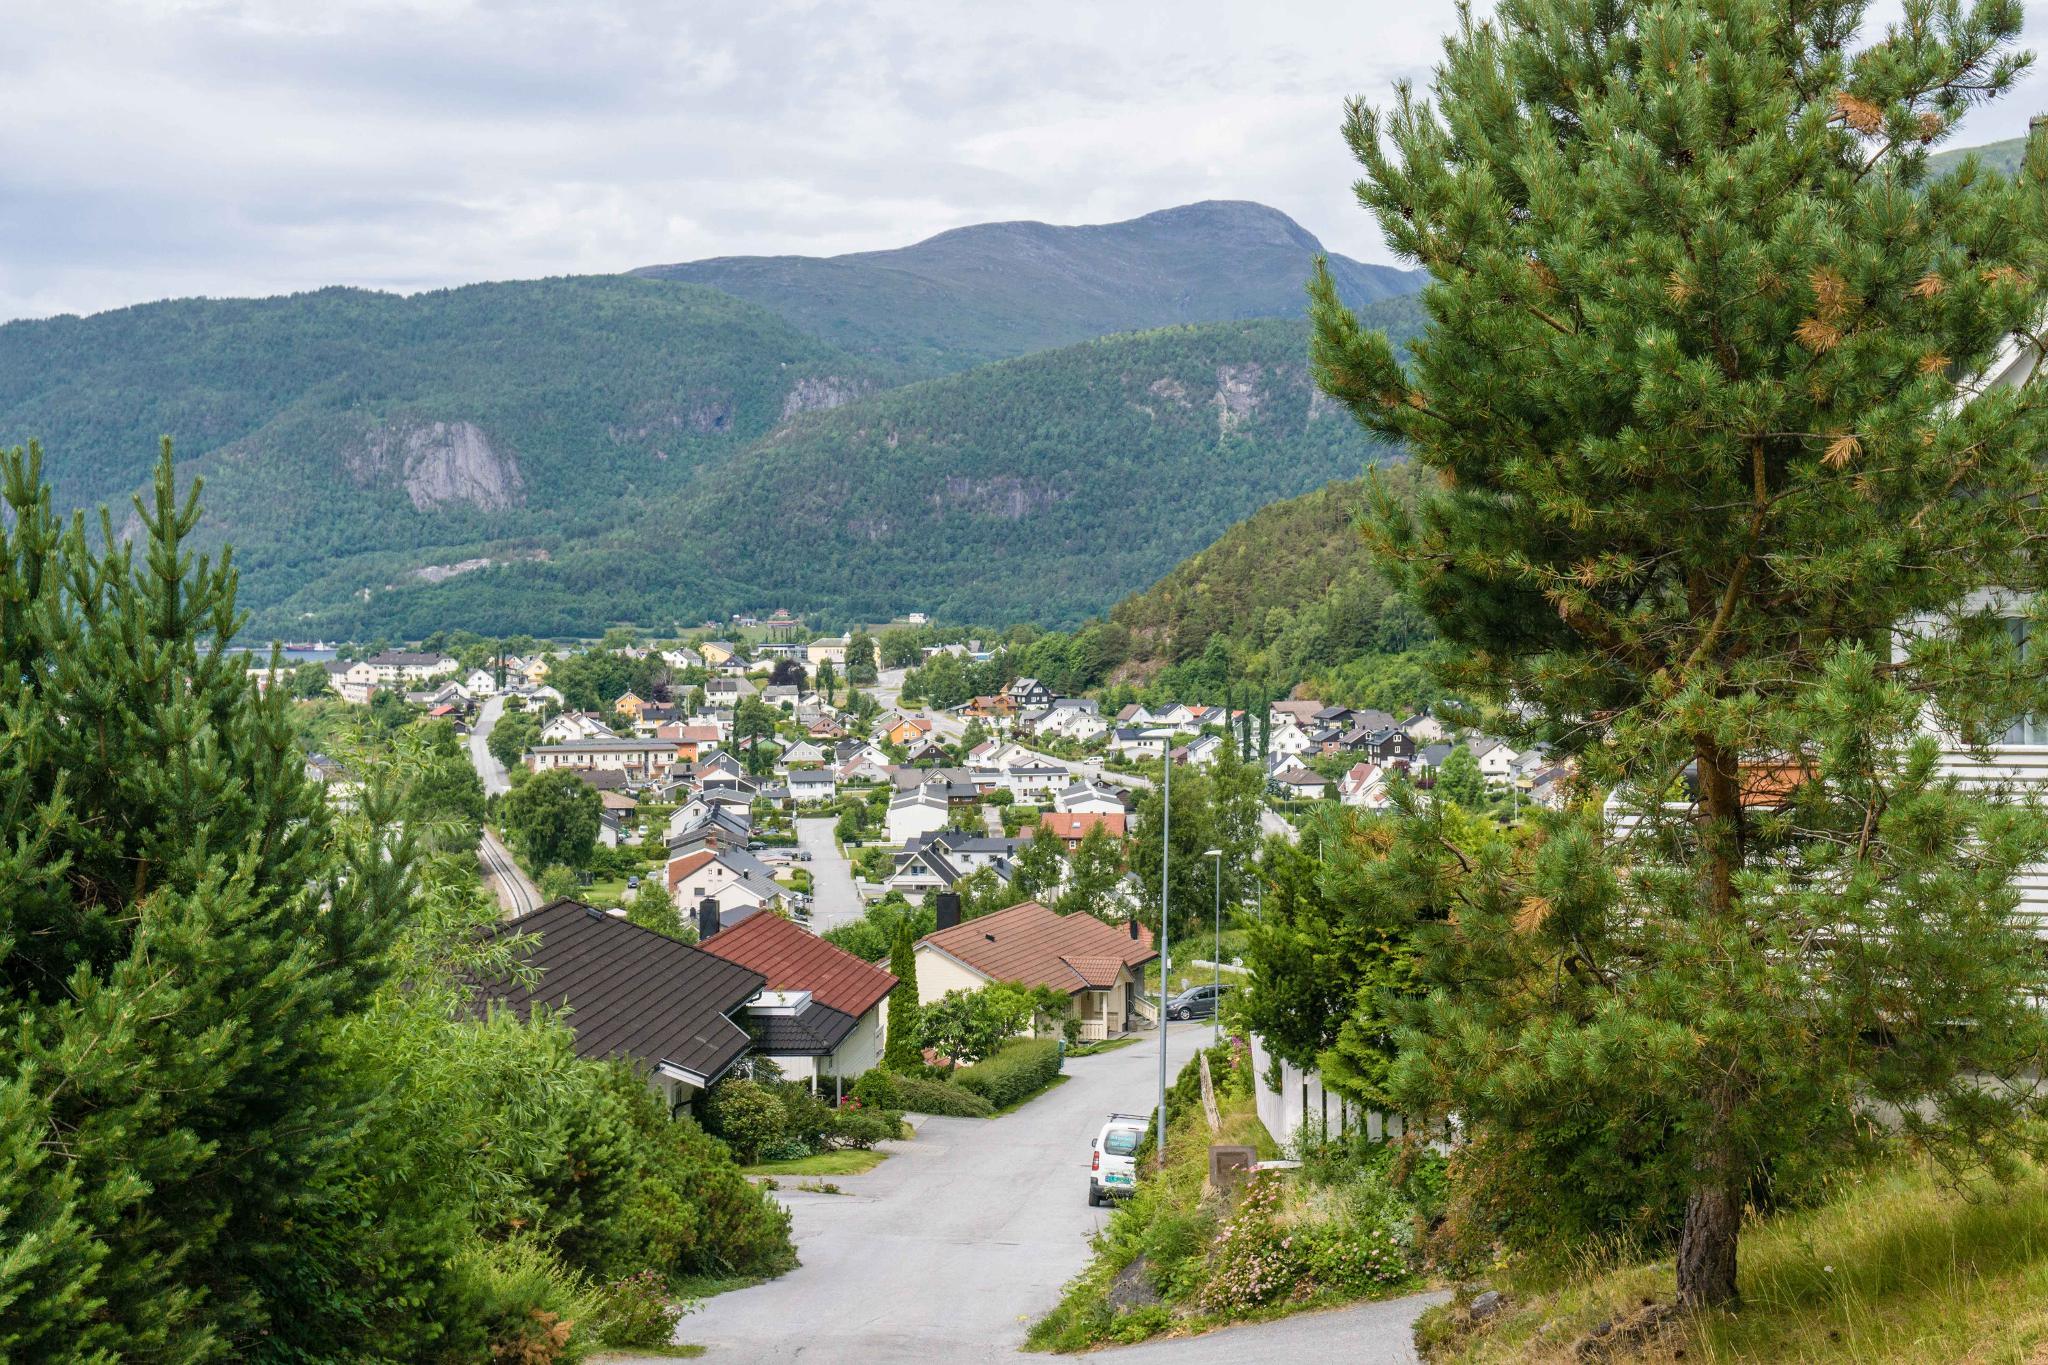 【北歐景點】峽灣區起點Åndalsnes健行 - 鳥瞰峽灣全景的Rampestreken觀景台 6